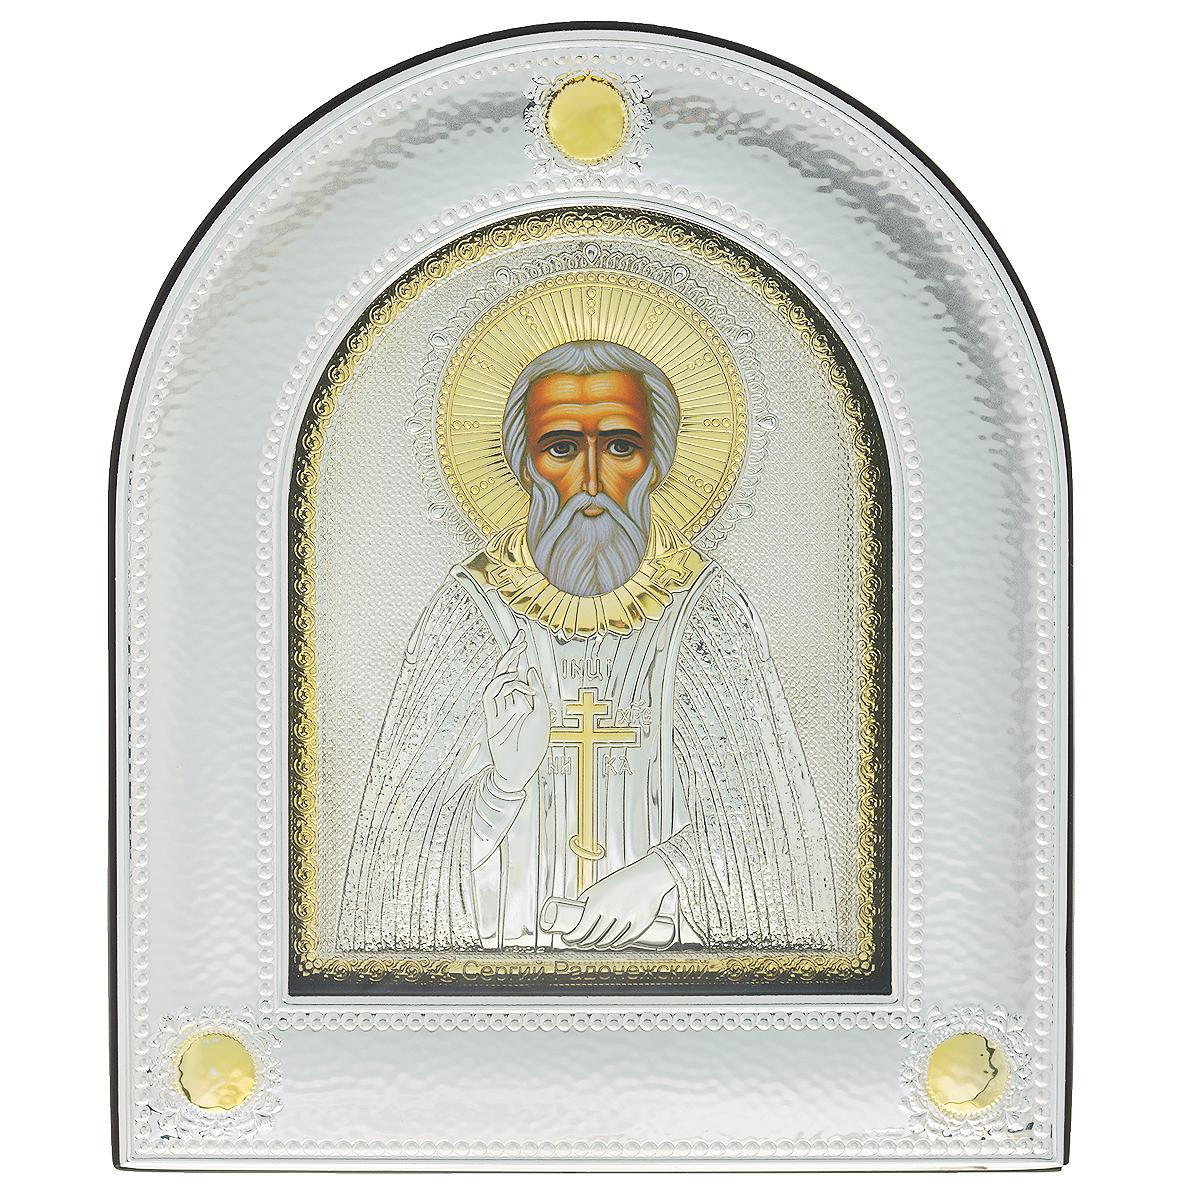 Икона Святого Сергия Радонежского, 30 см х 25,2 см